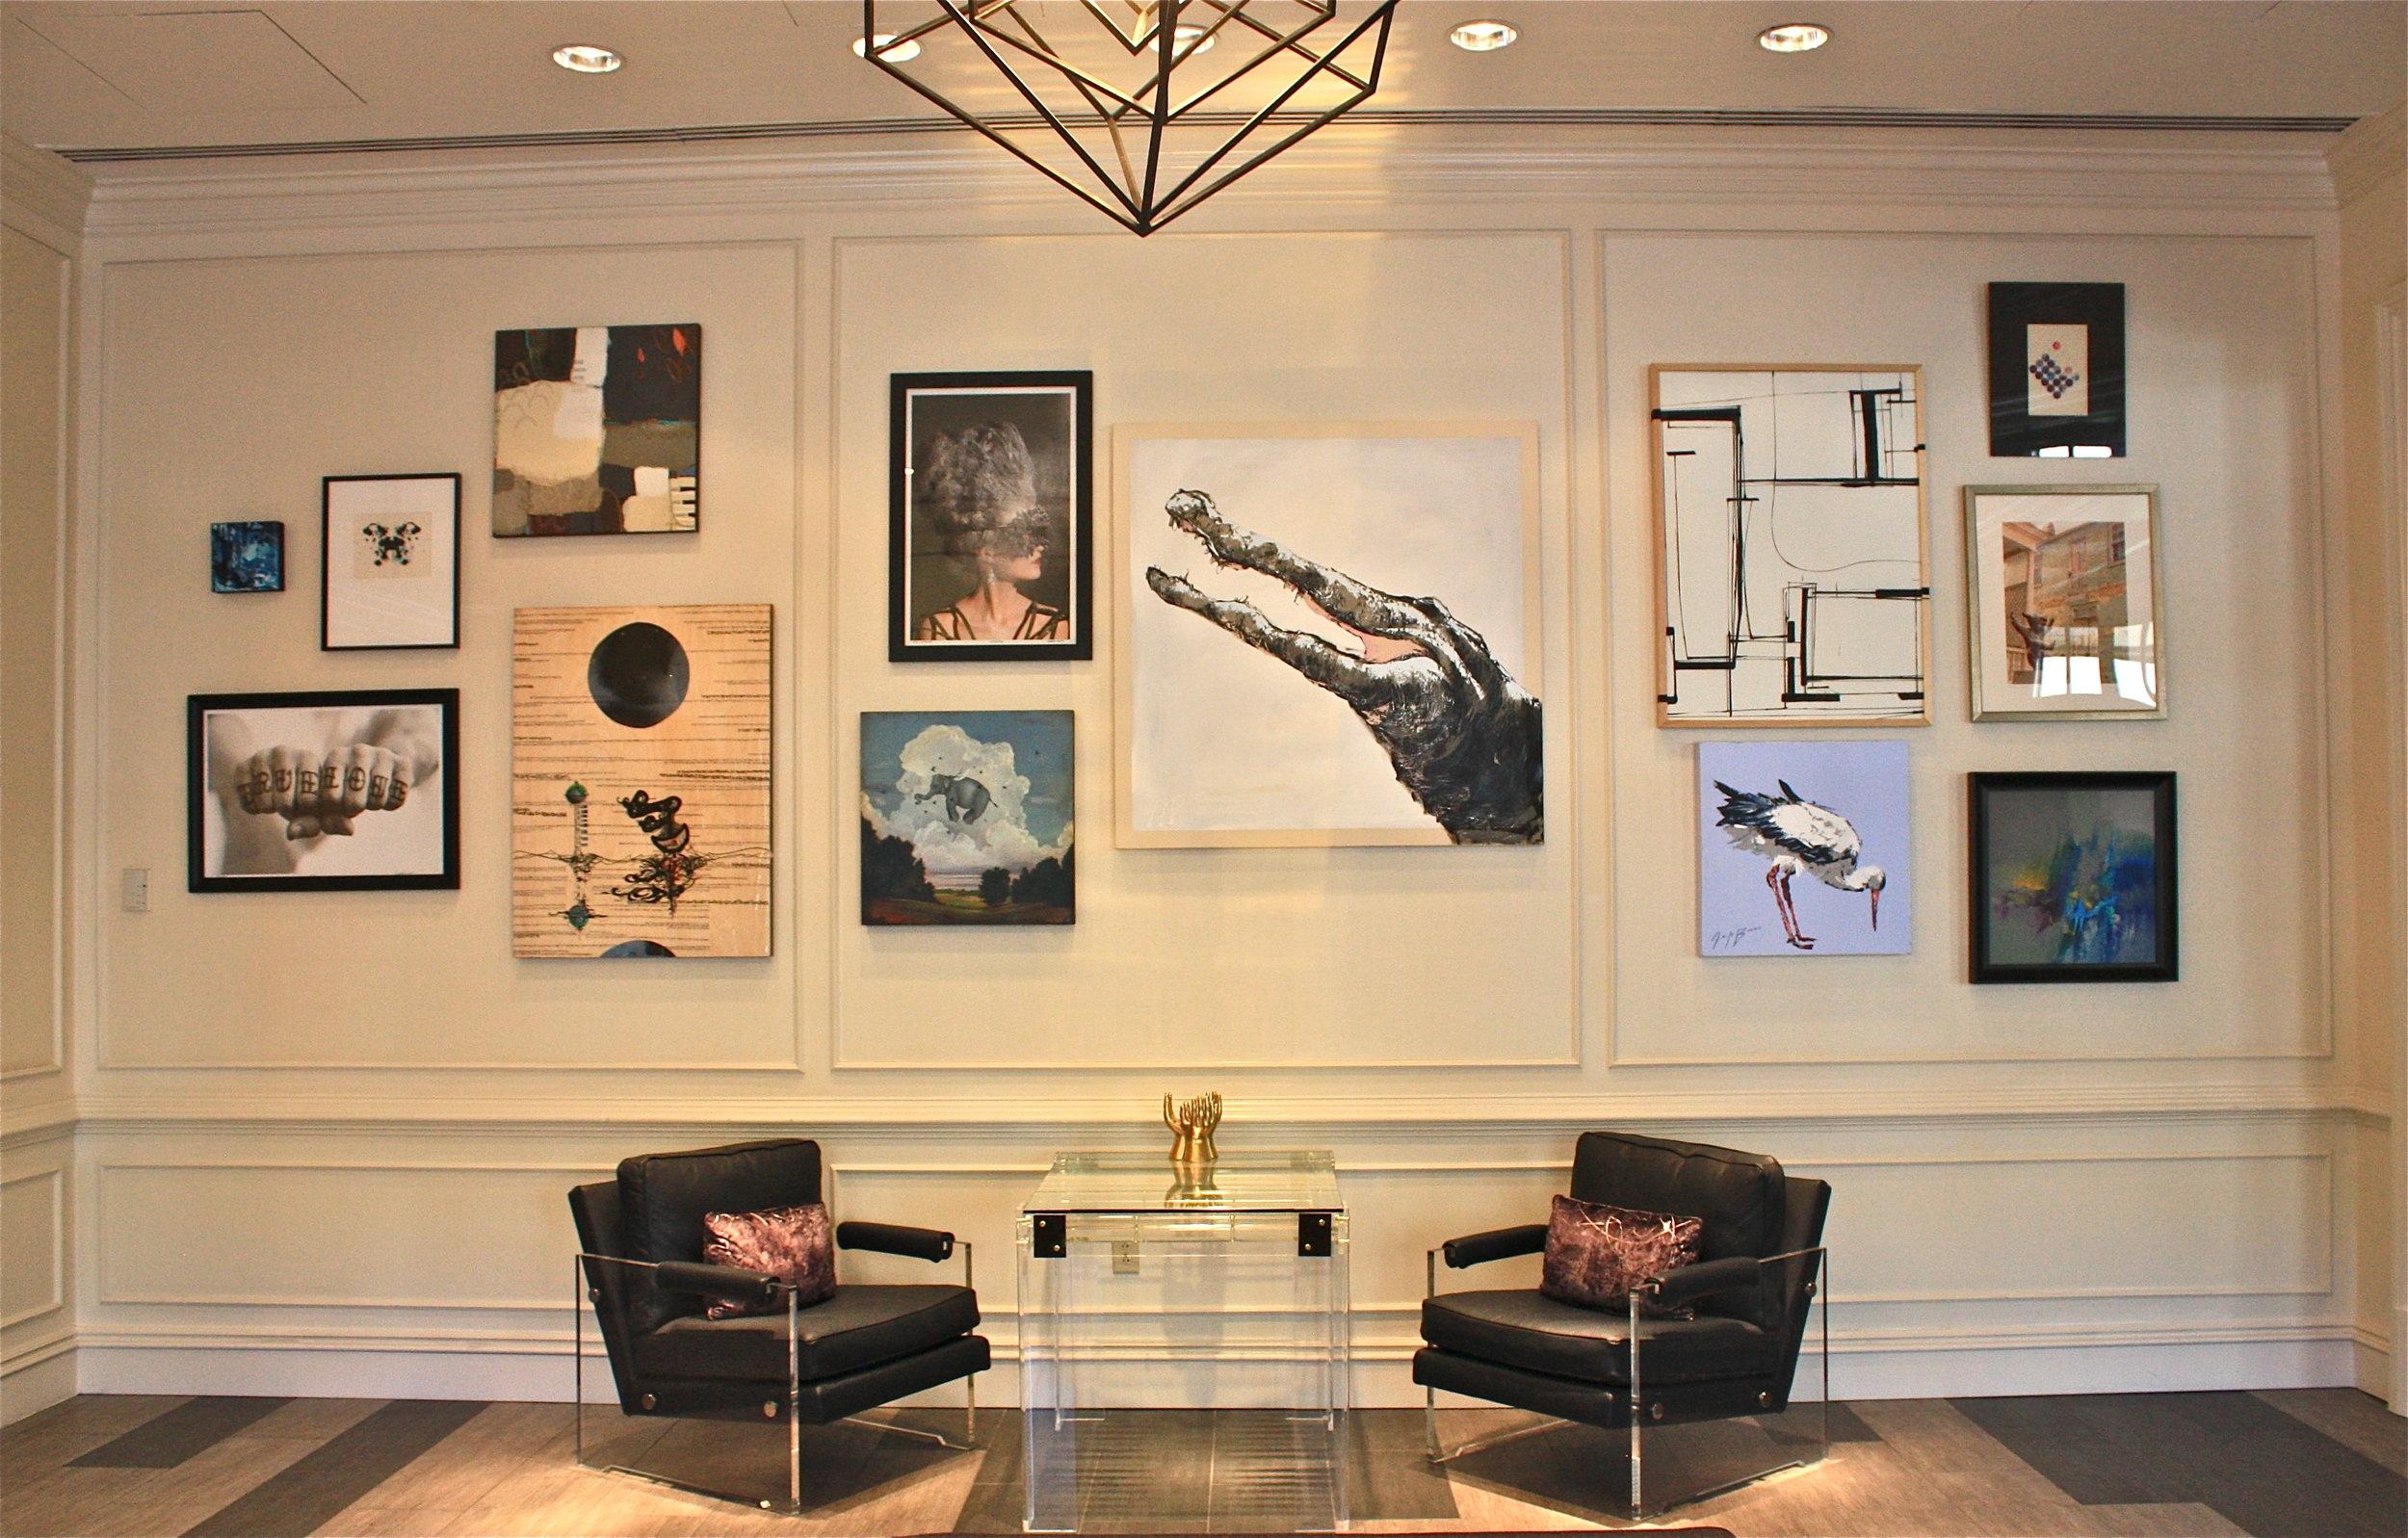 Gallery Wall at The Renaissance Hotel, Charleston